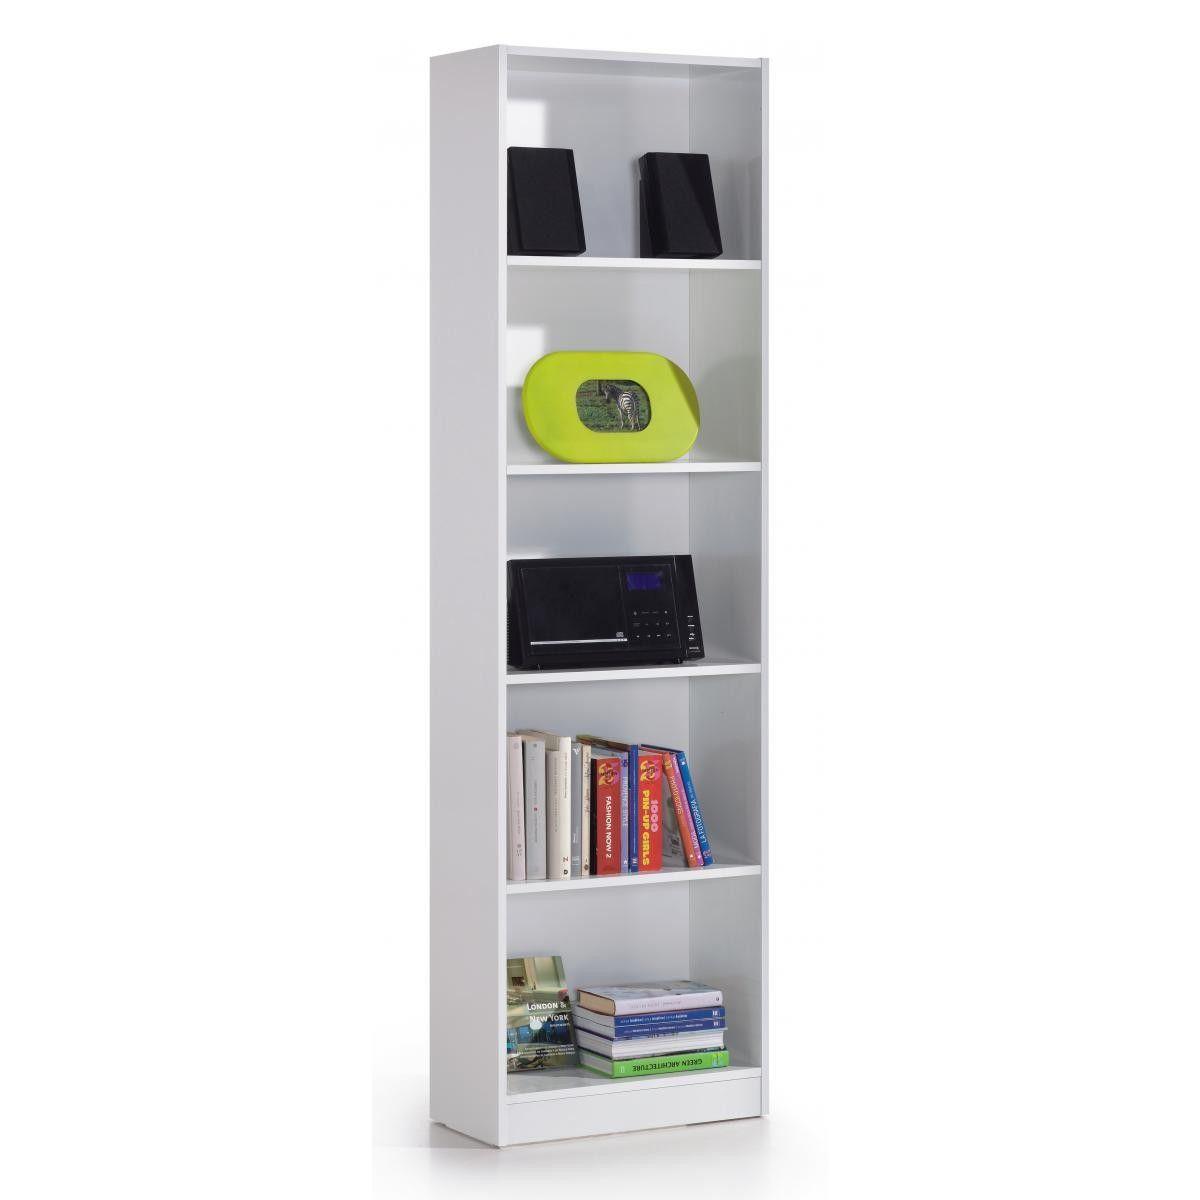 Estanteria Colors Conforama Biblioteca Muebles De Dormitorio Blanco Muebles De Oficina En Casa